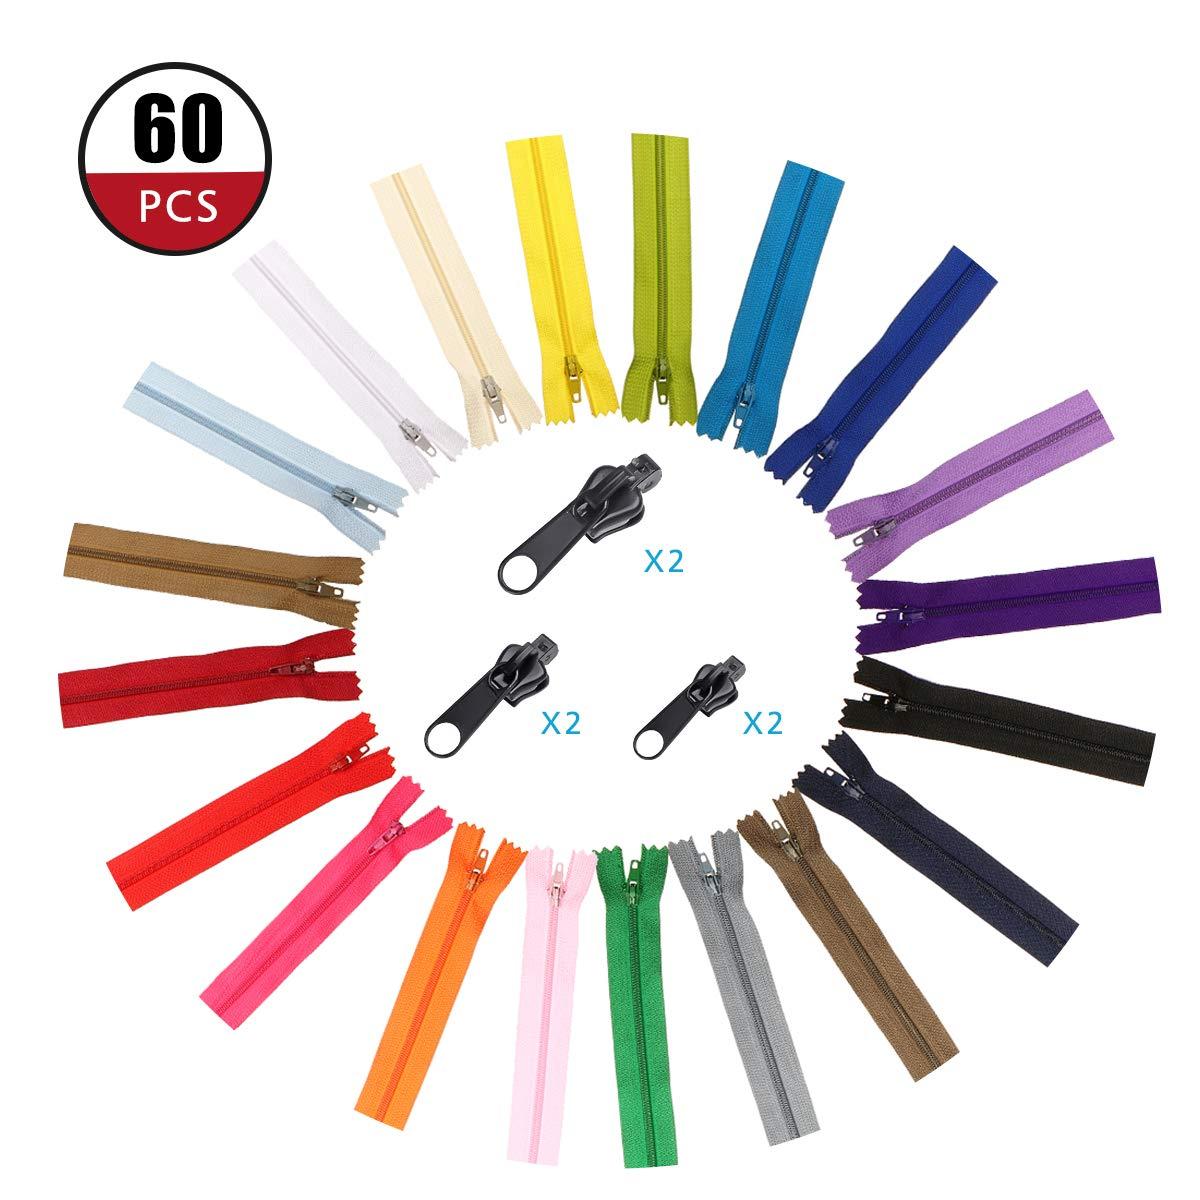 ARTISTORE Cerniere Lampo 66PCS 36CM(14 pollici) Invisibile Nylon Bobina Cerniere+6 Testa Universale con Cerniera,Tailor Craft Bulk per Sartoria Artigianato Da Cucire, 20 Colori